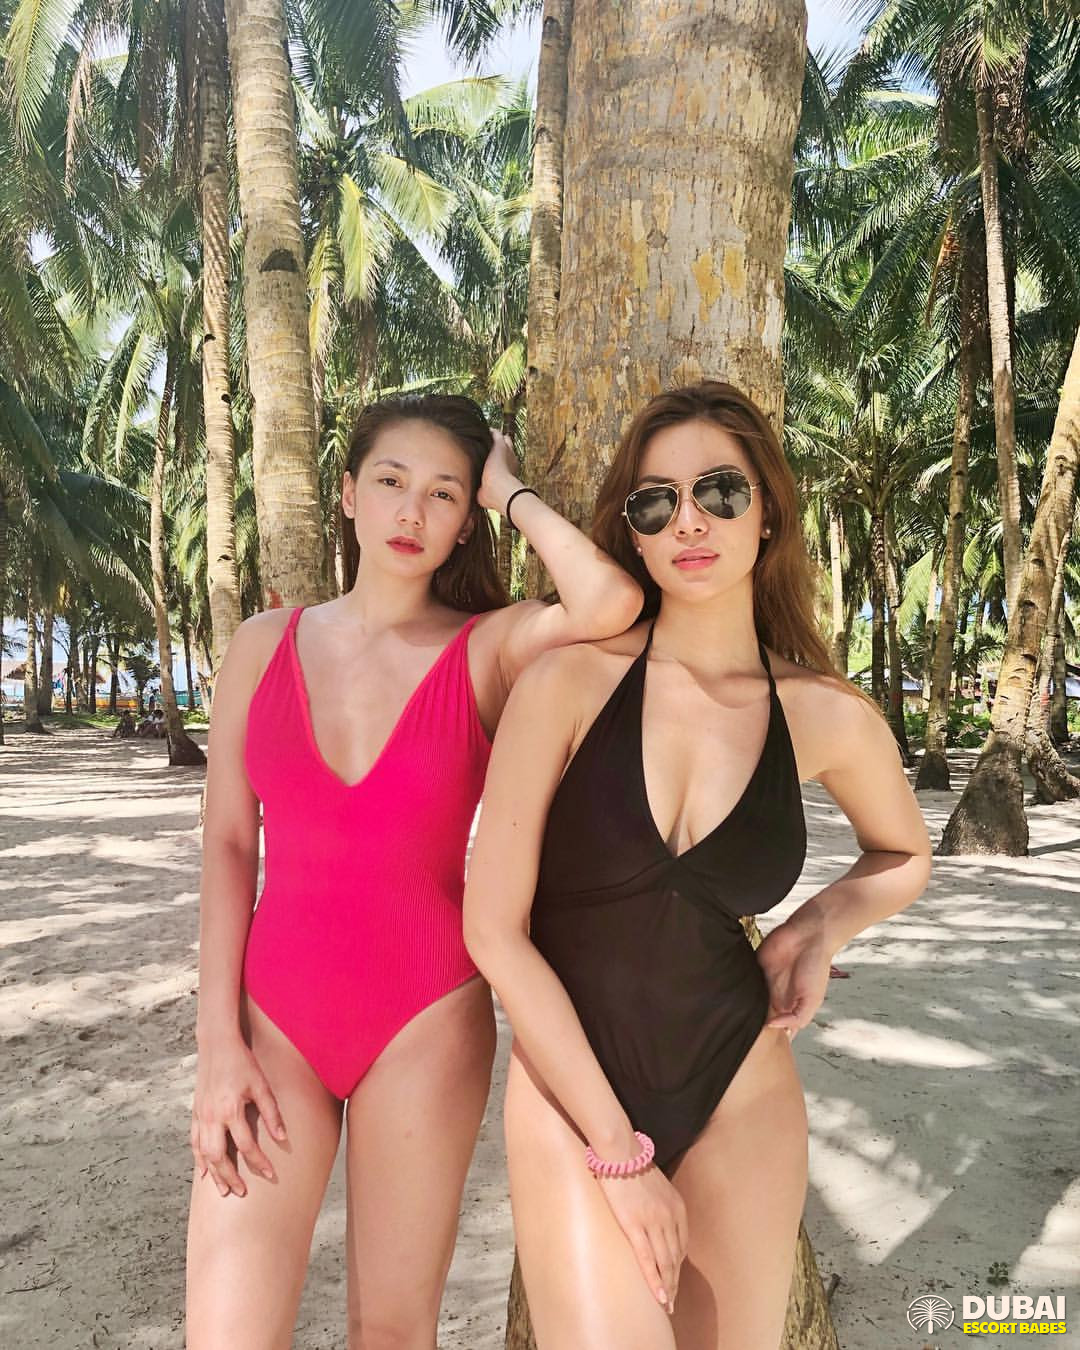 Dubai best sex see girl photos, sexy pajama nude